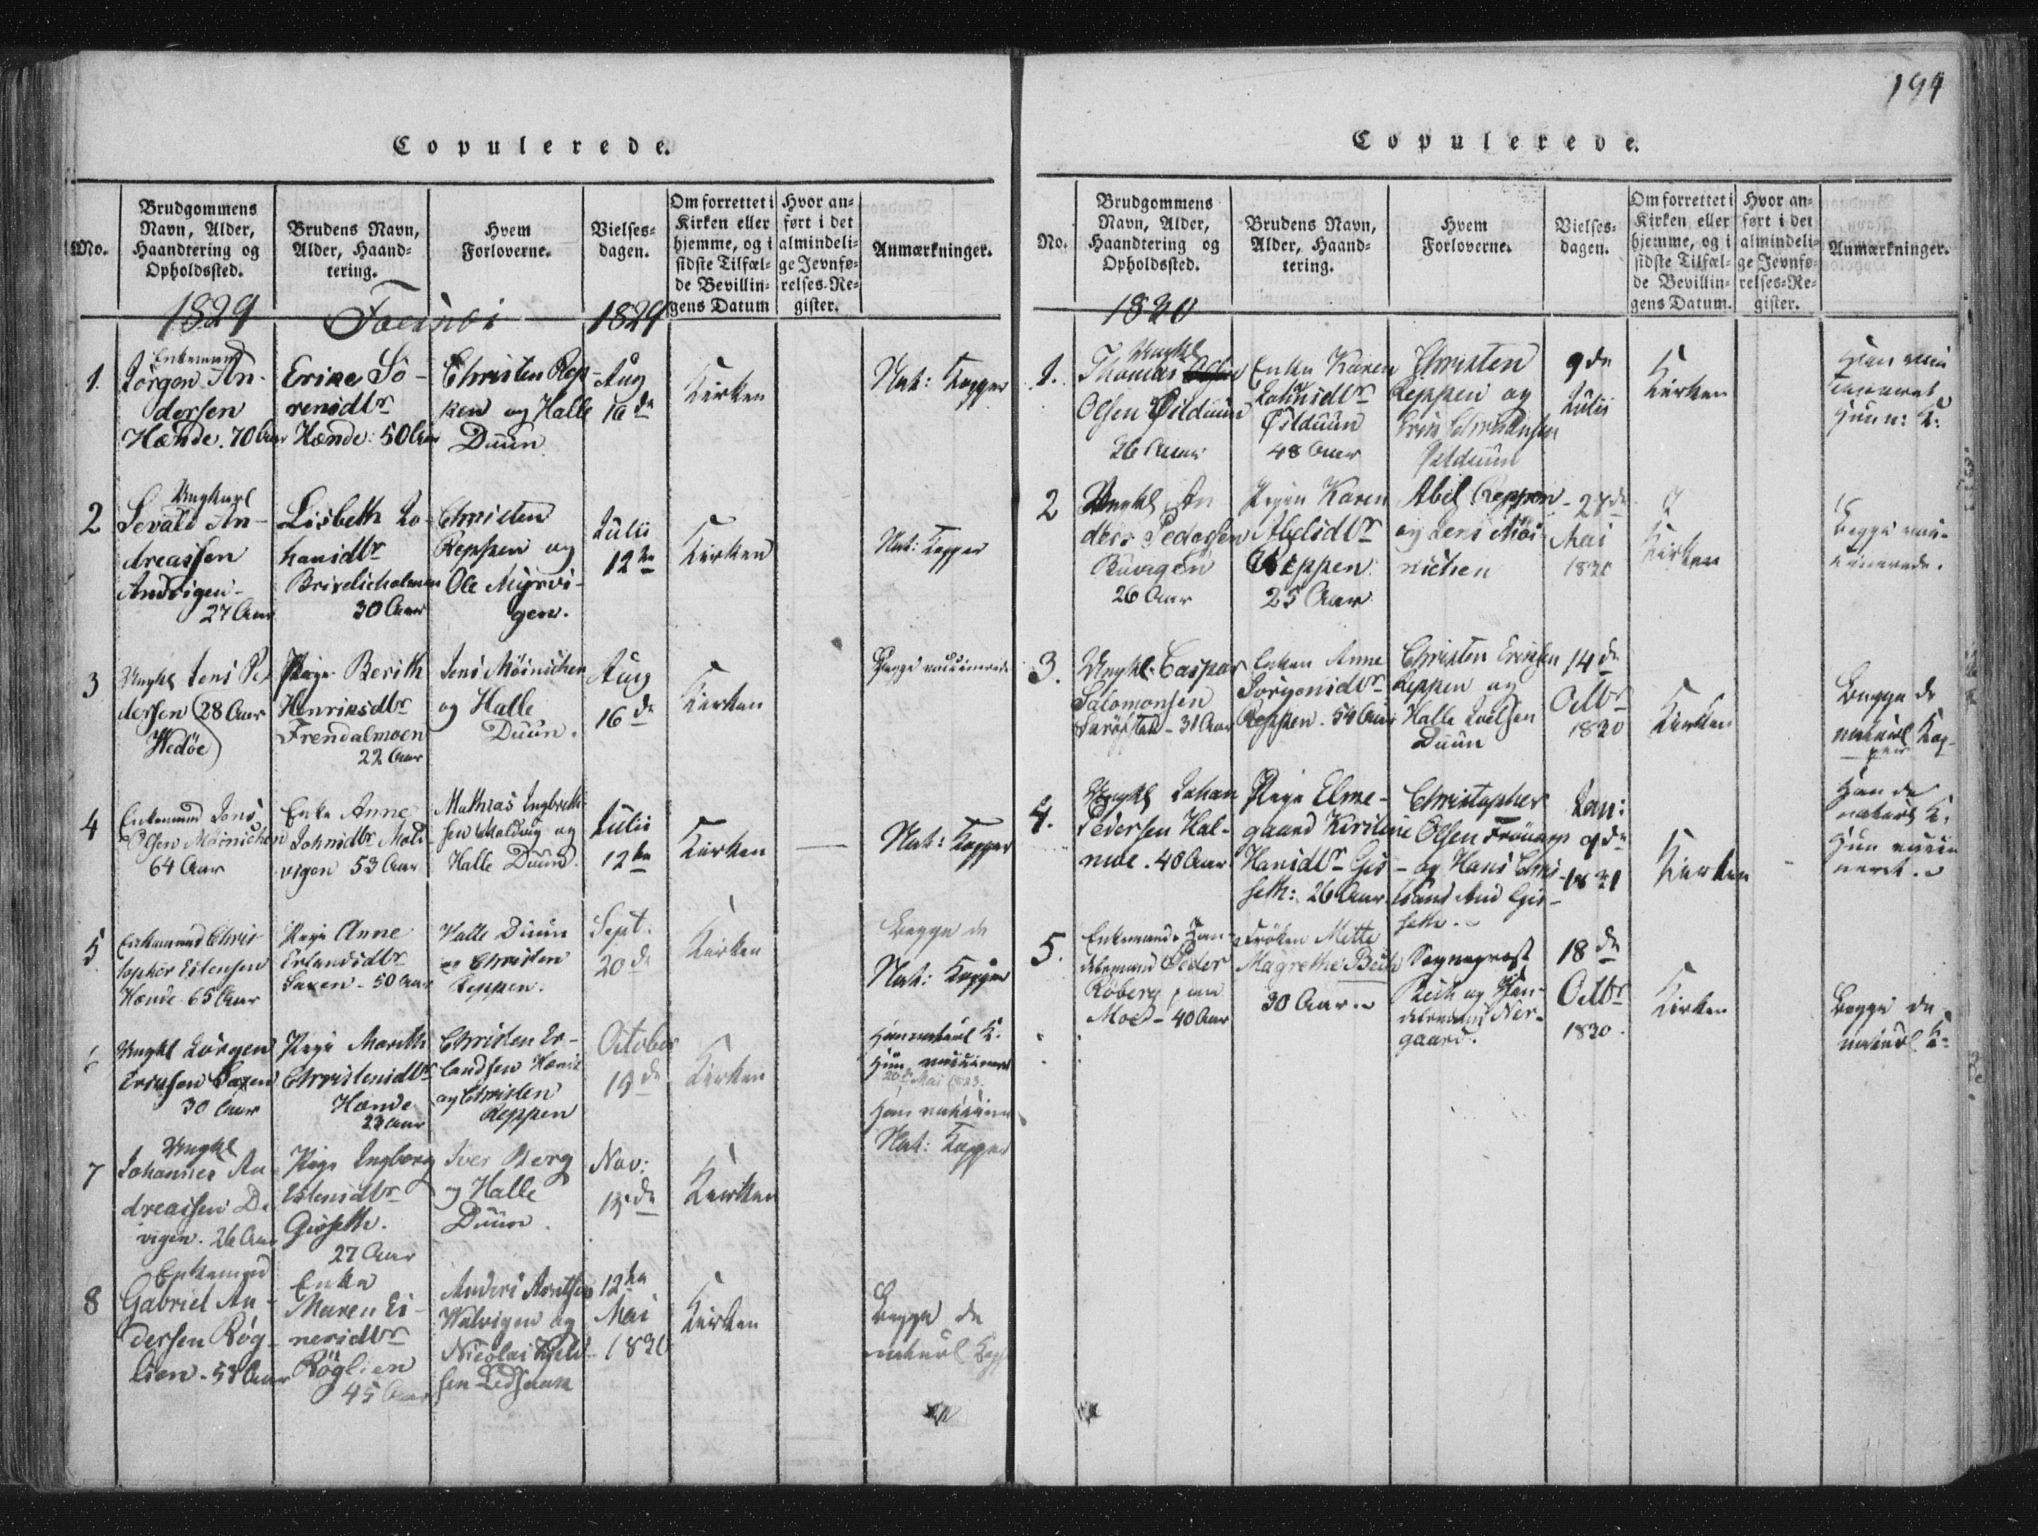 SAT, Ministerialprotokoller, klokkerbøker og fødselsregistre - Nord-Trøndelag, 773/L0609: Ministerialbok nr. 773A03 /1, 1815-1830, s. 194